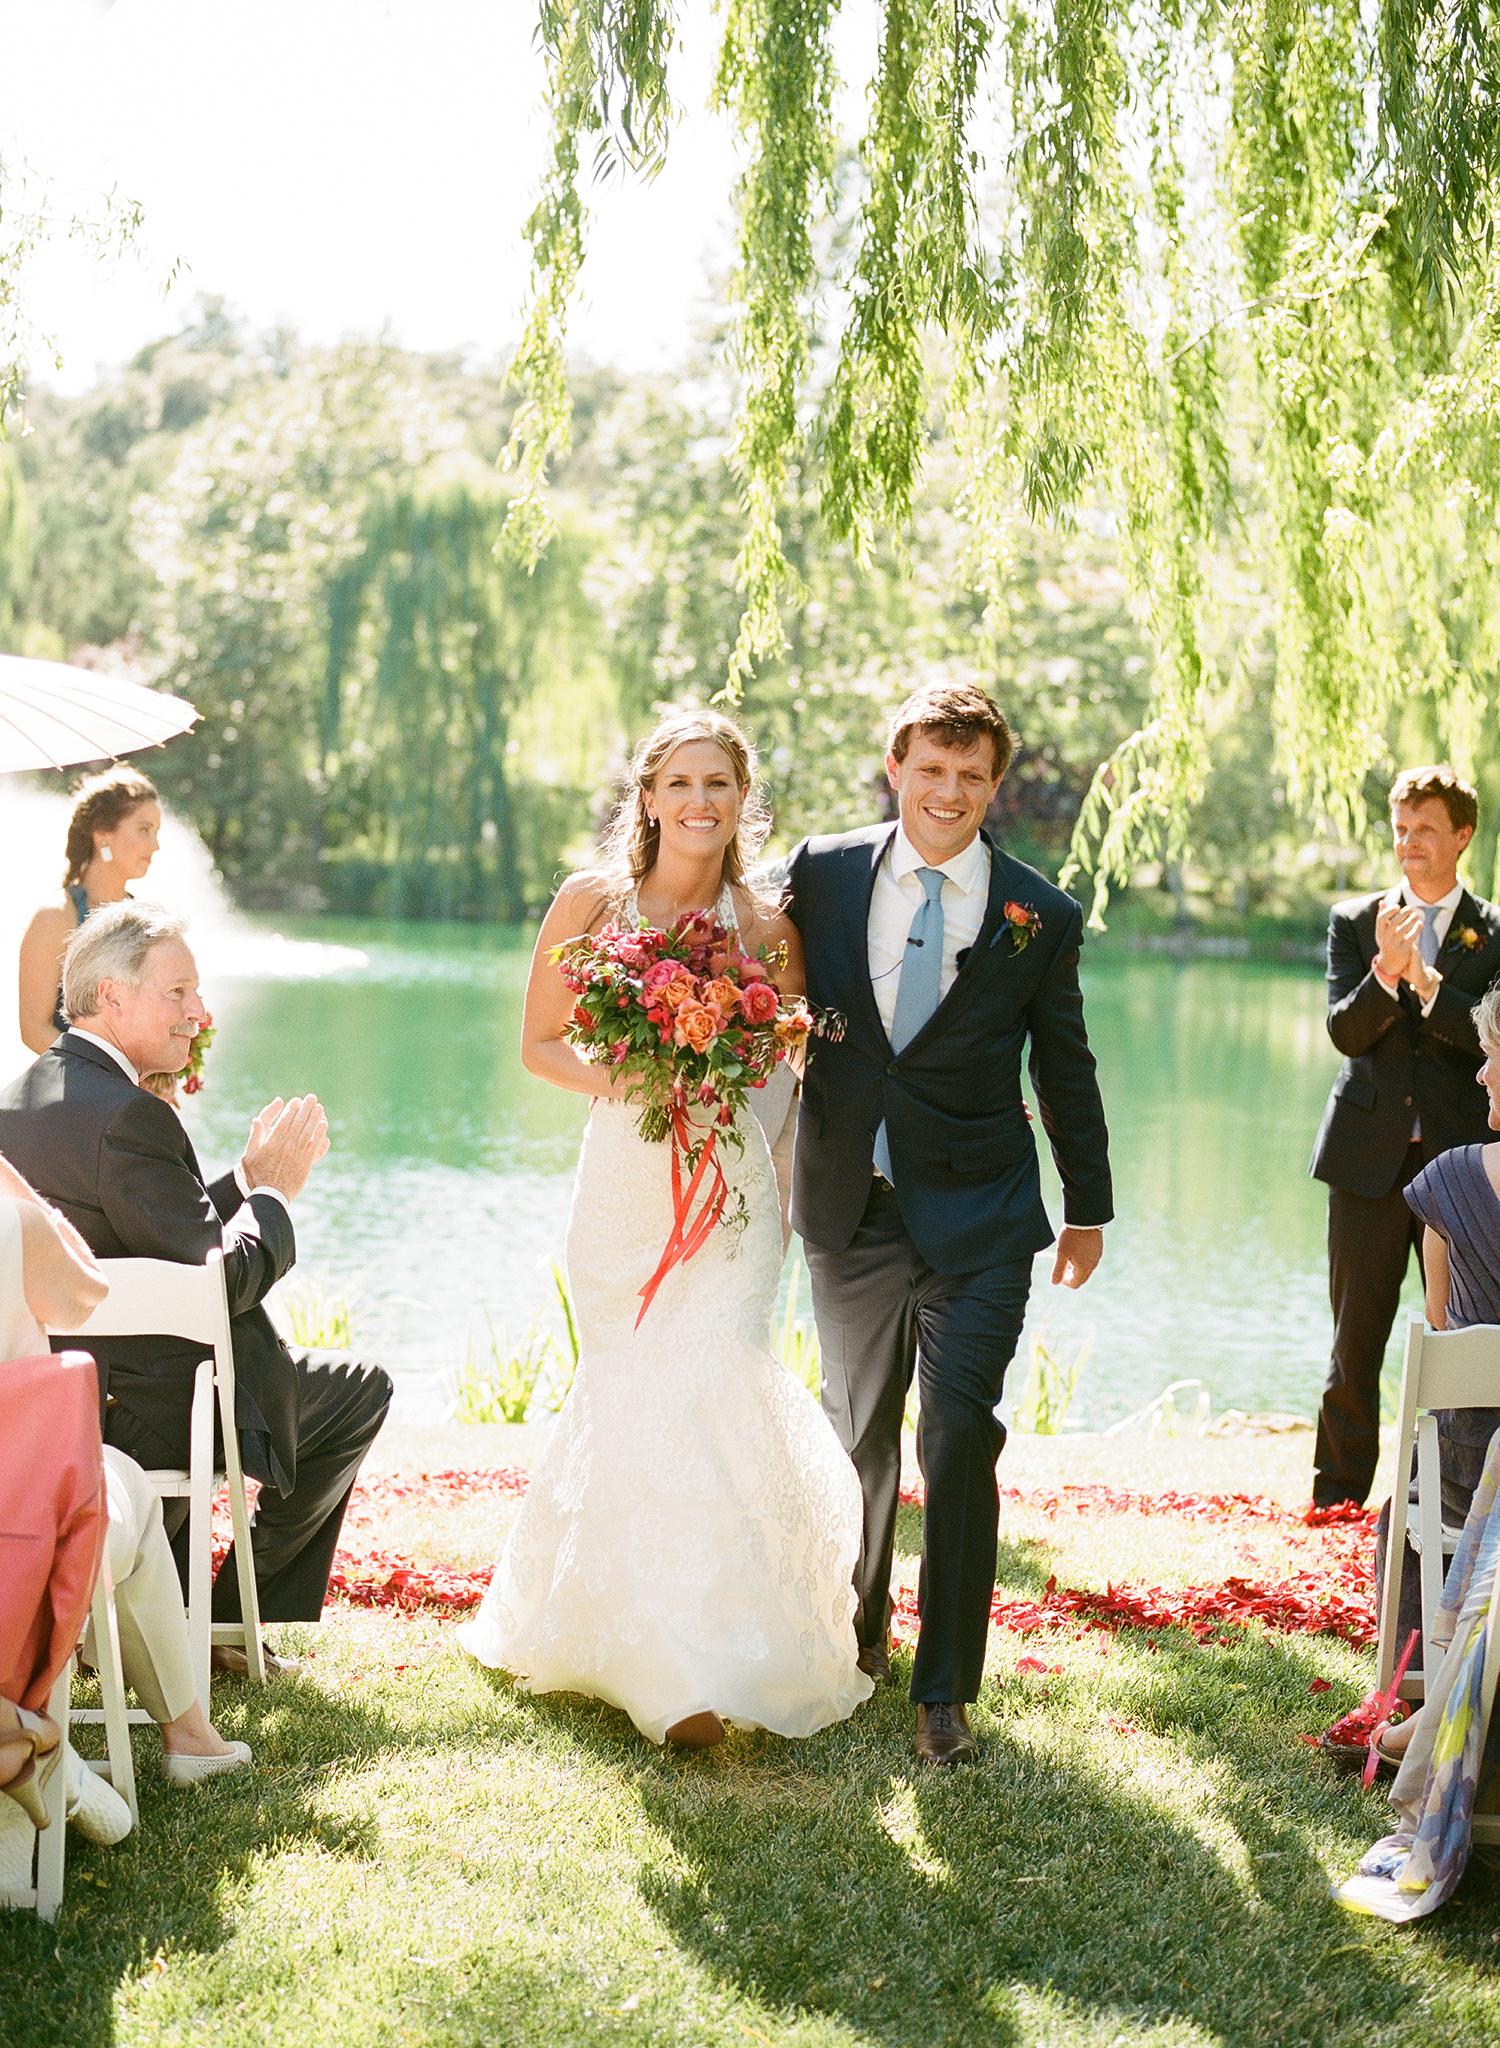 23-bride-groom-processional.jpg